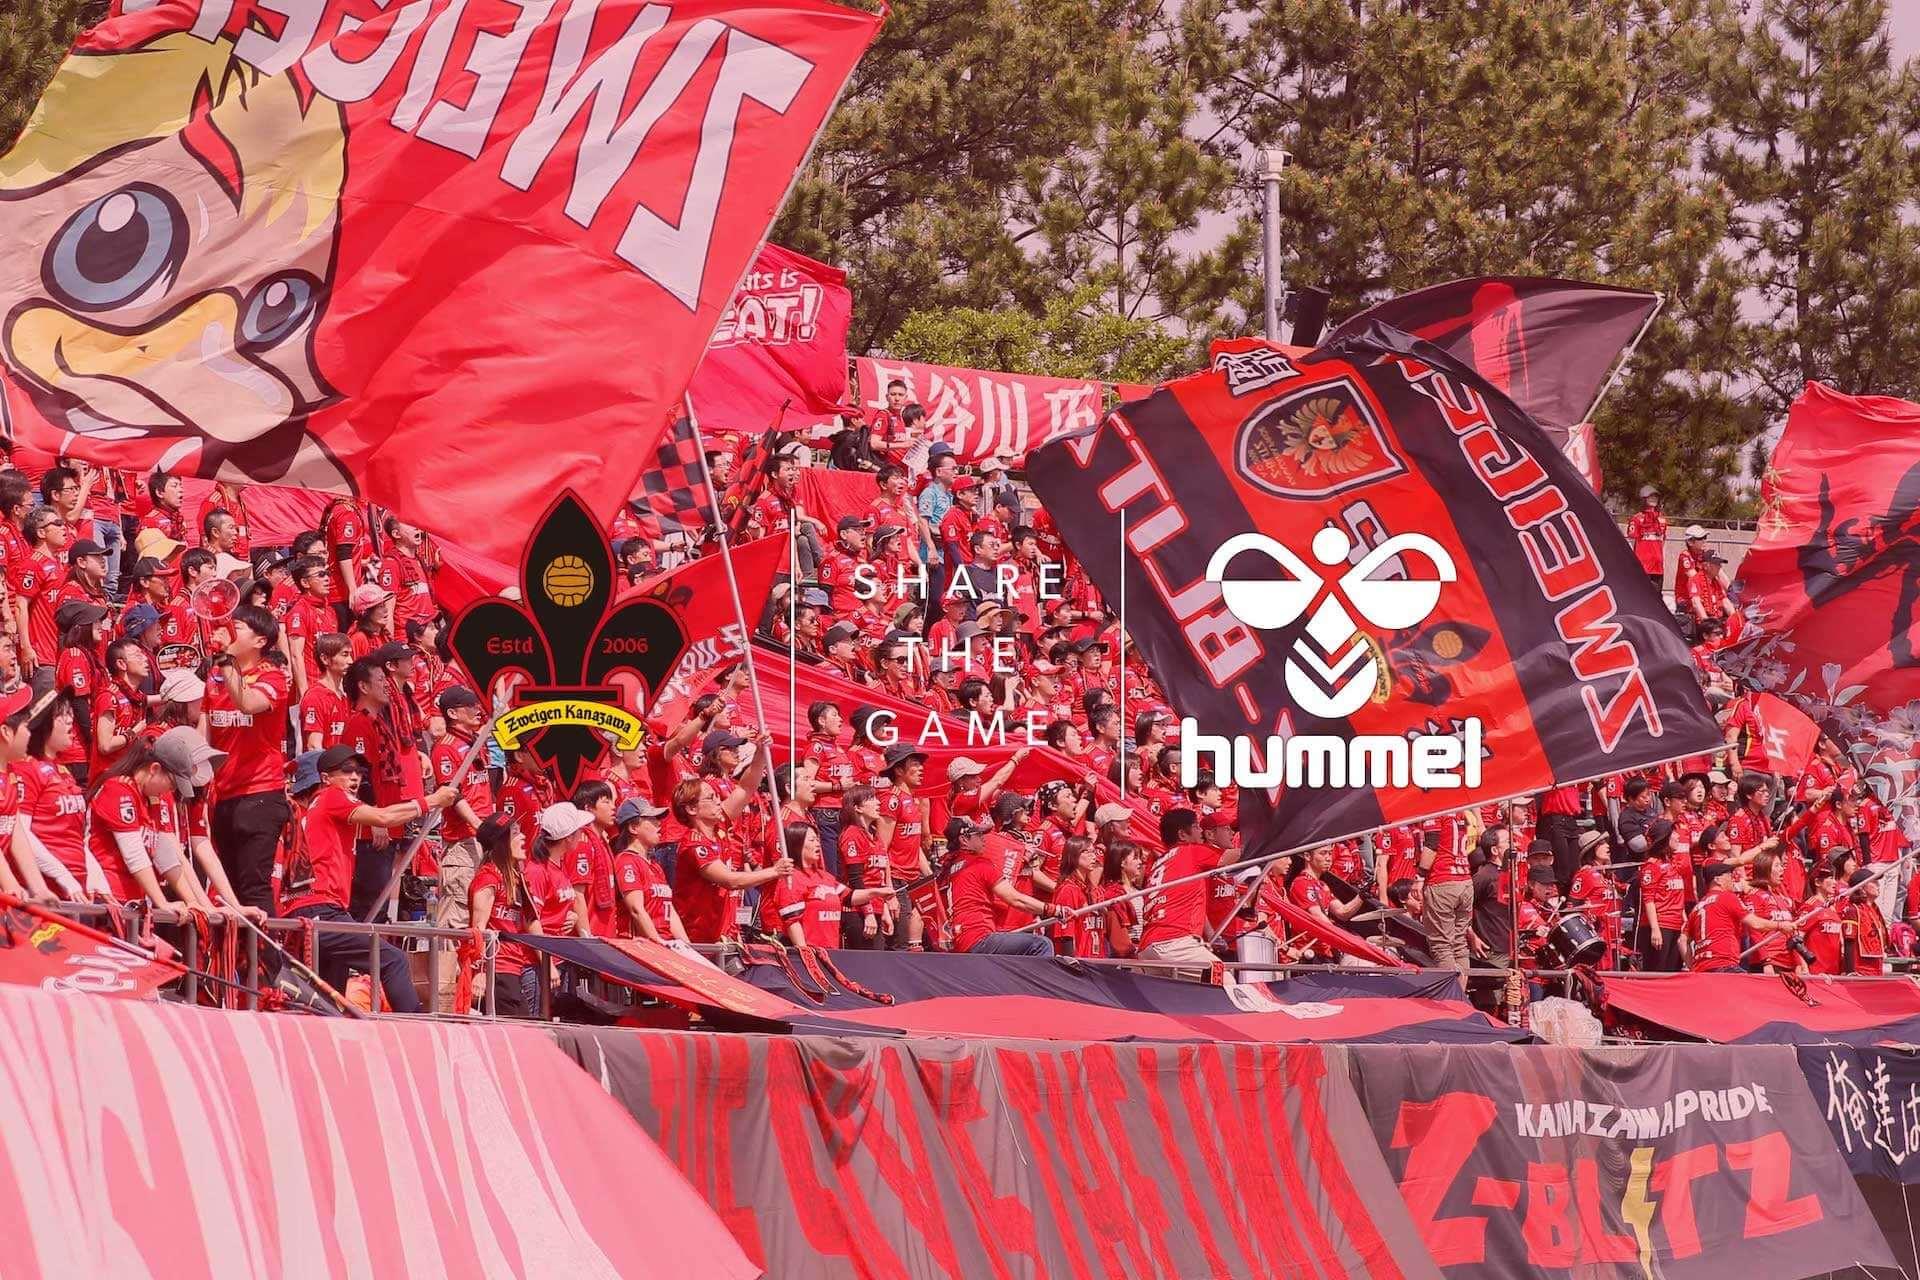 冬のスポーツシーンにもおすすめ!ヒュンメルとサッカーチーム・ツエーゲン金沢によるコラボジャケットが発売 lf201216_hummel_5-1920x1280